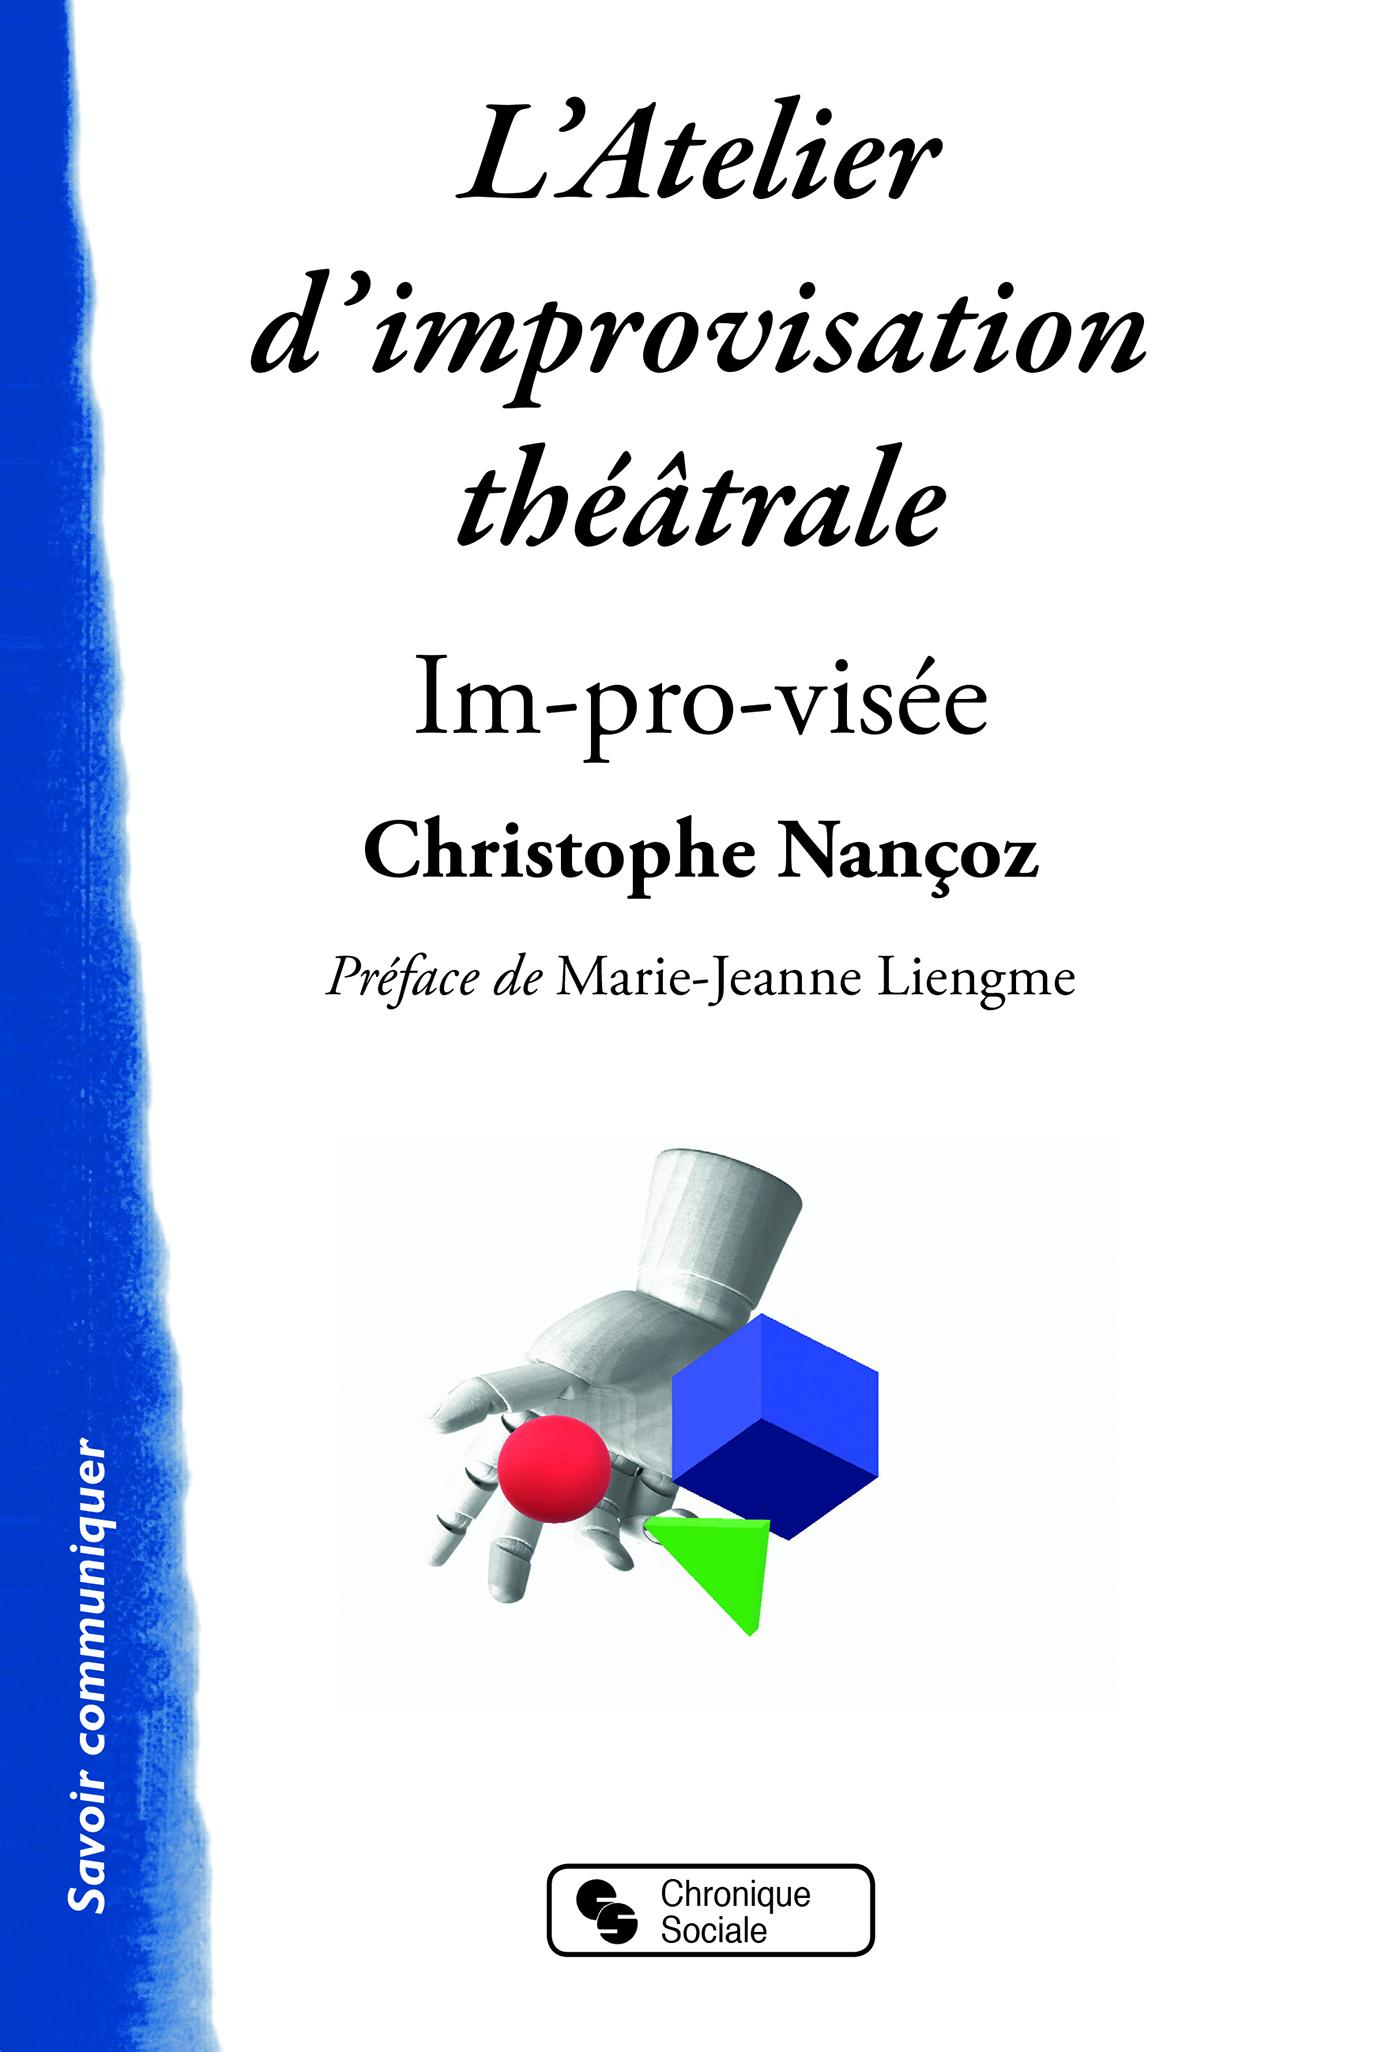 L'ATELIER D'IMPROVISATION THEATRALE